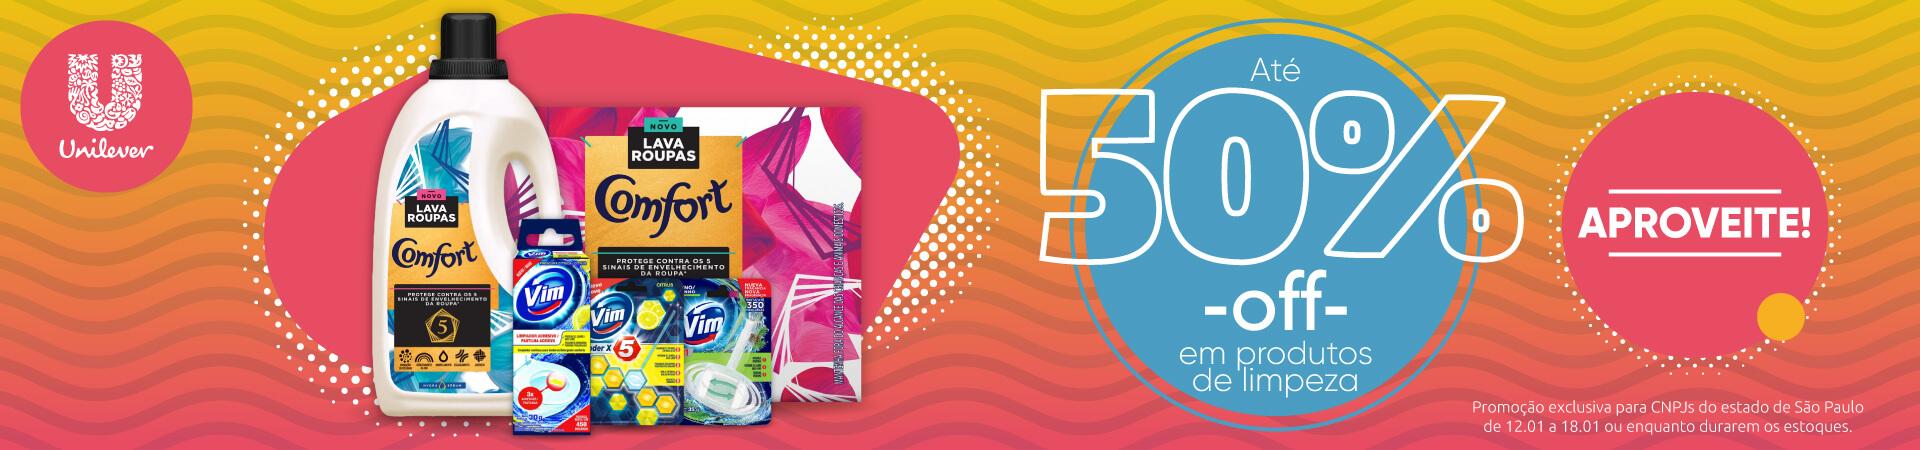 Unilever - Até 50% OFF em produtos de limpeza